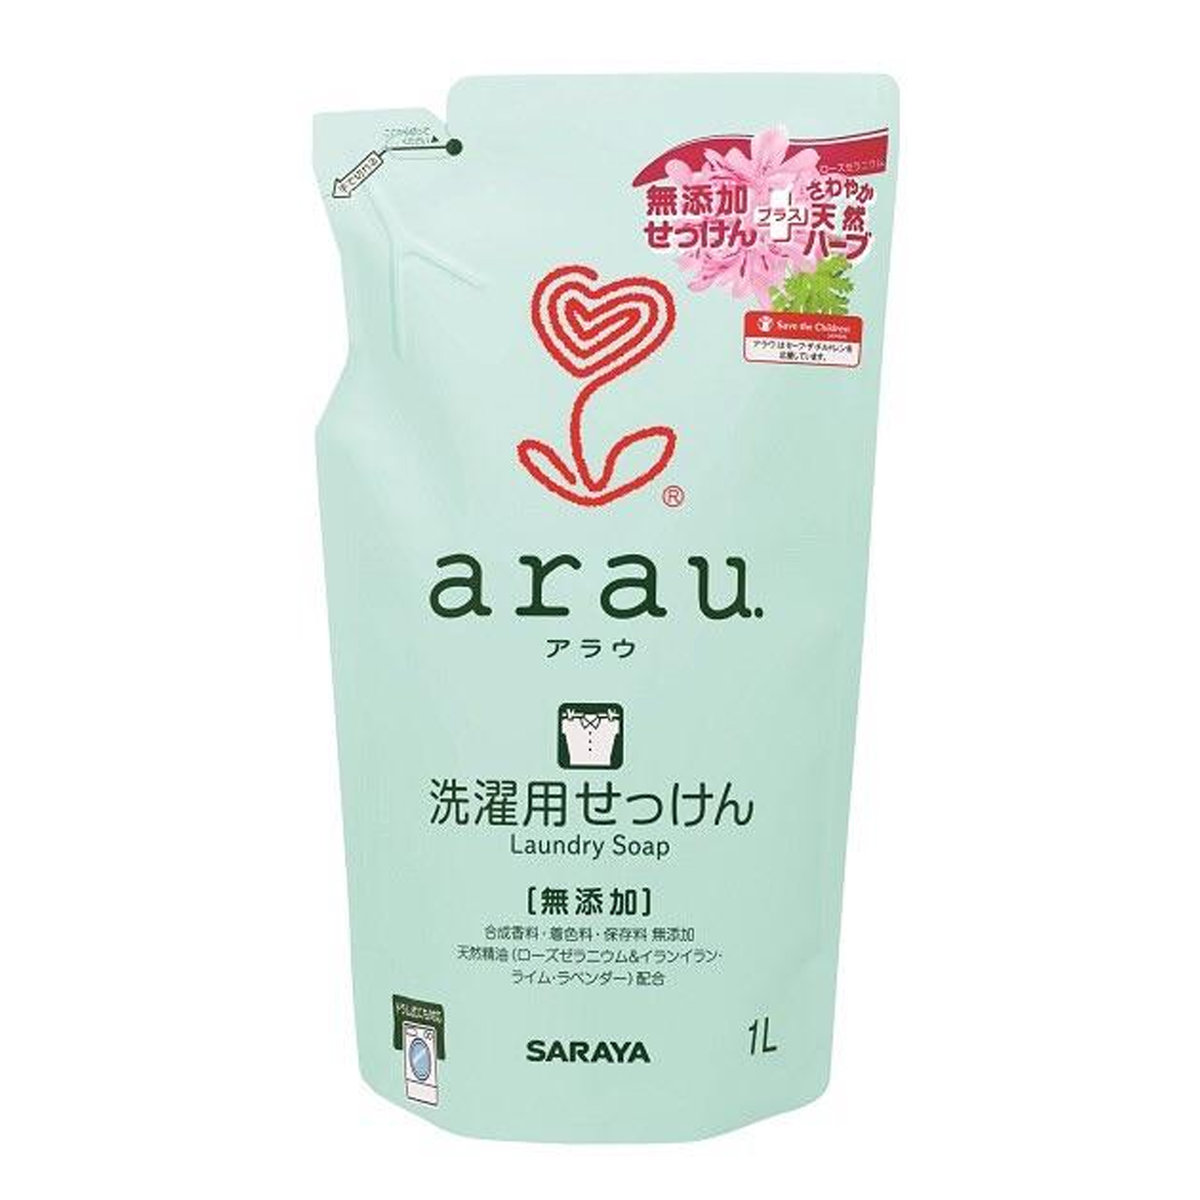 ARAU雅樂寶植物性抗菌洗衣液 (含天竺葵成份)補充裝 1000ml